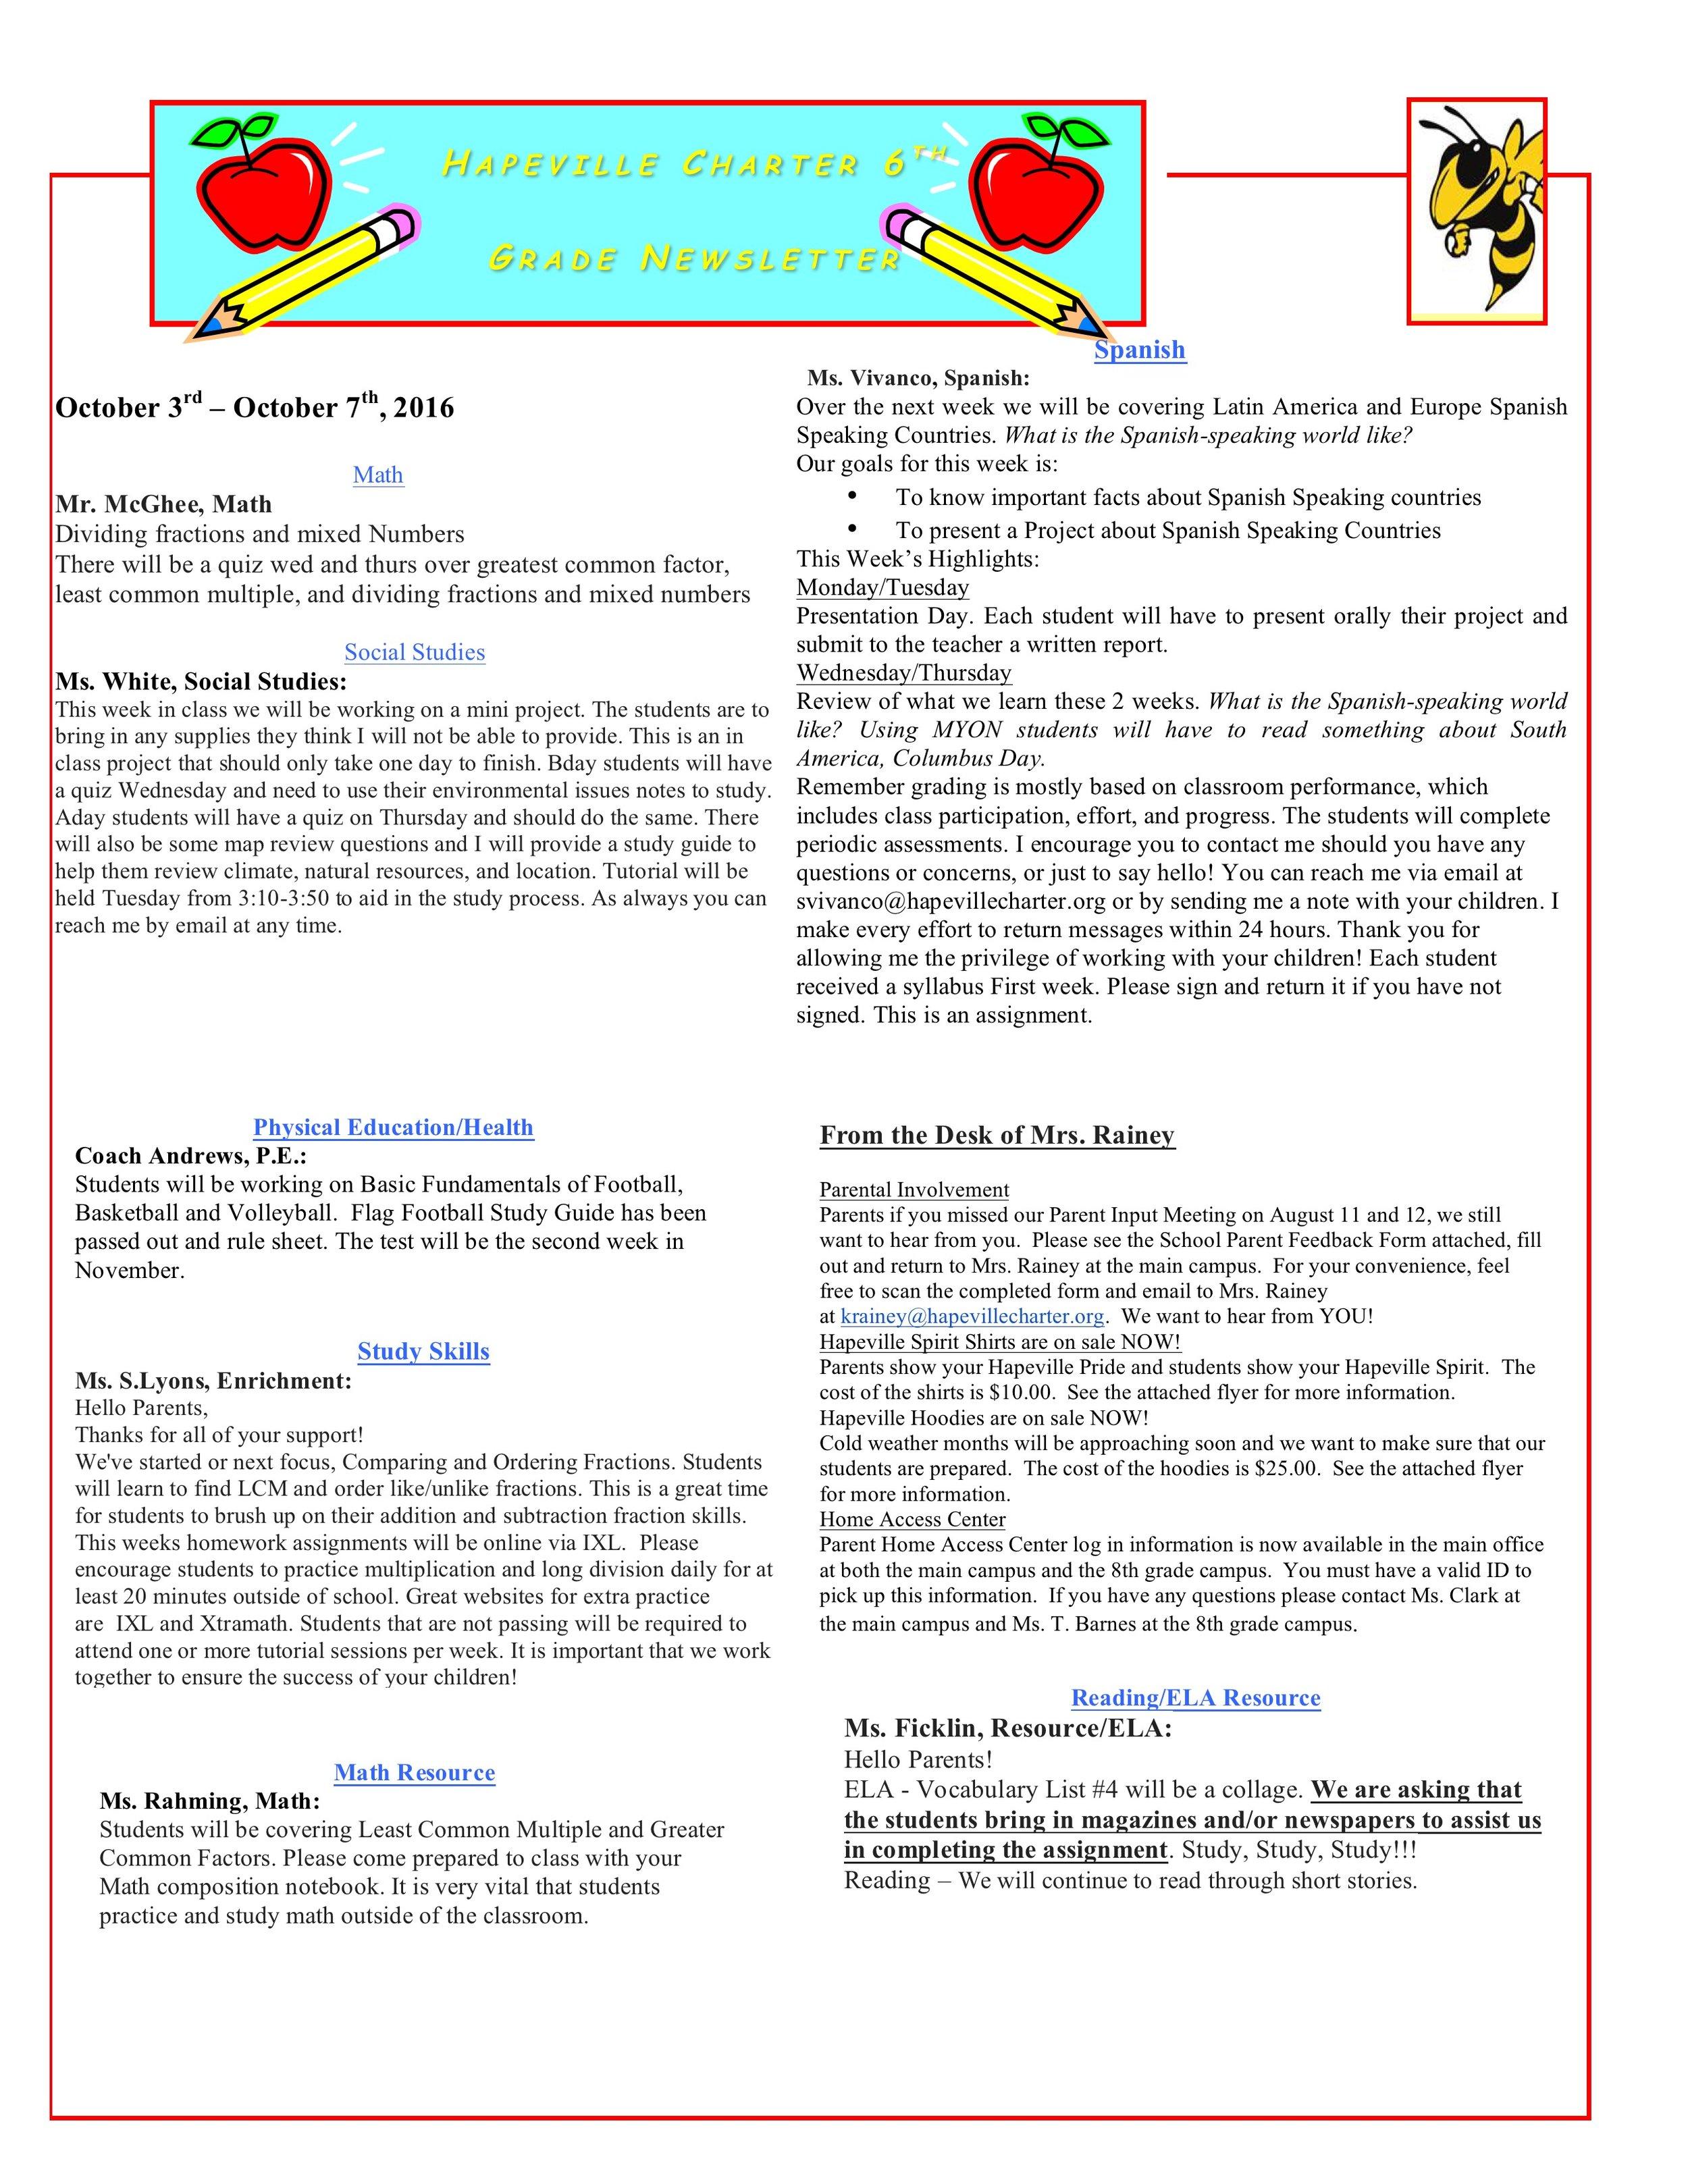 Newsletter Image6th Grade Newsletter 10.3.2016.jpeg